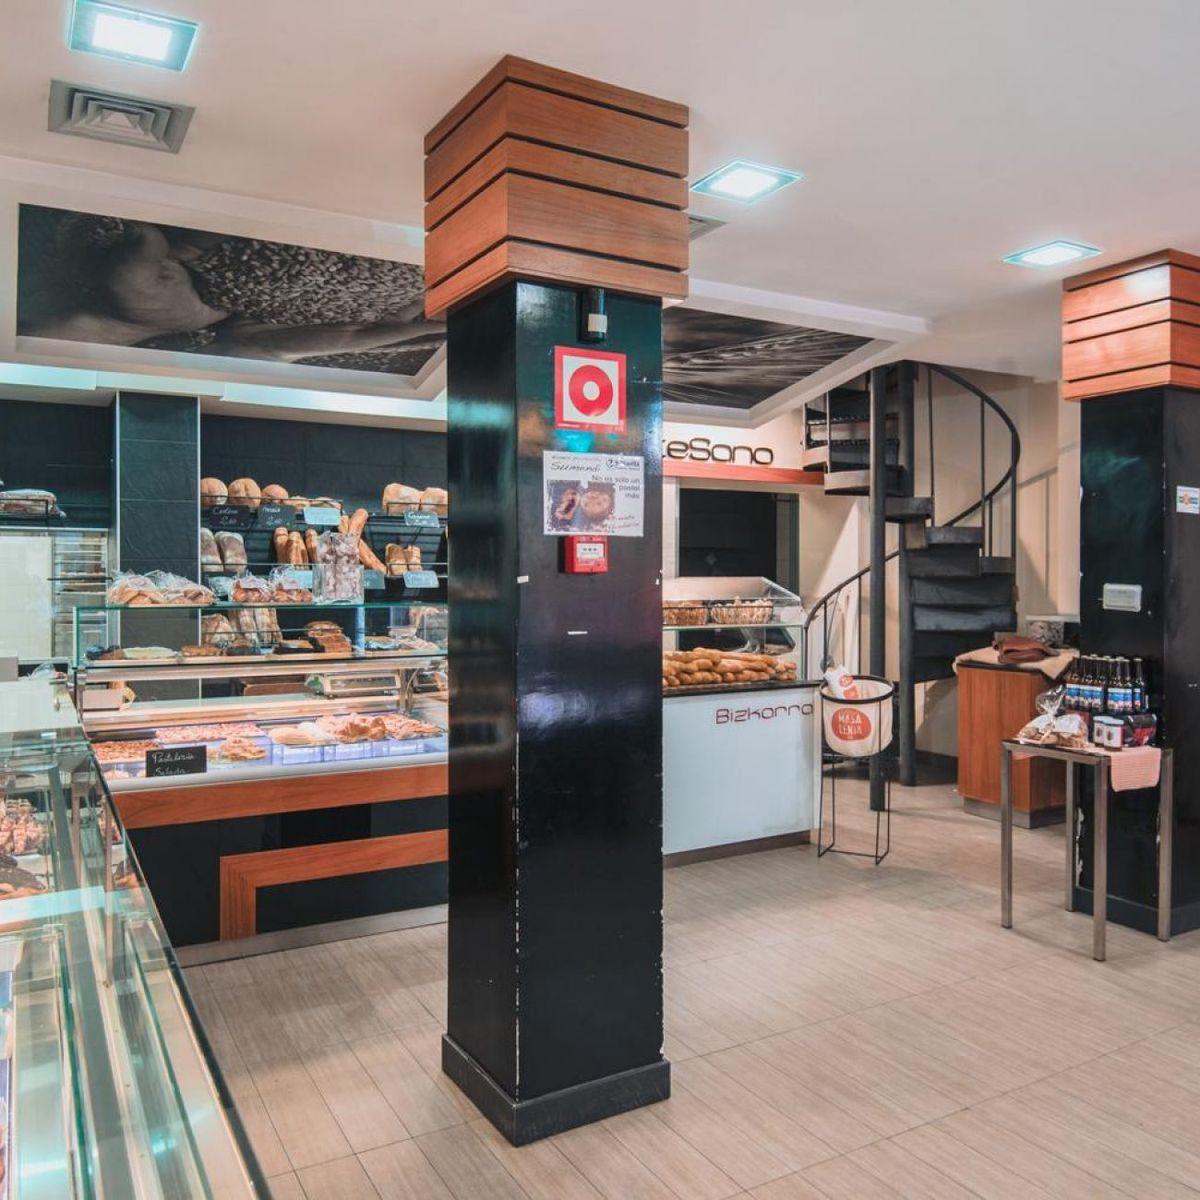 3981-panaderia-pasteleria-bizkarra-02